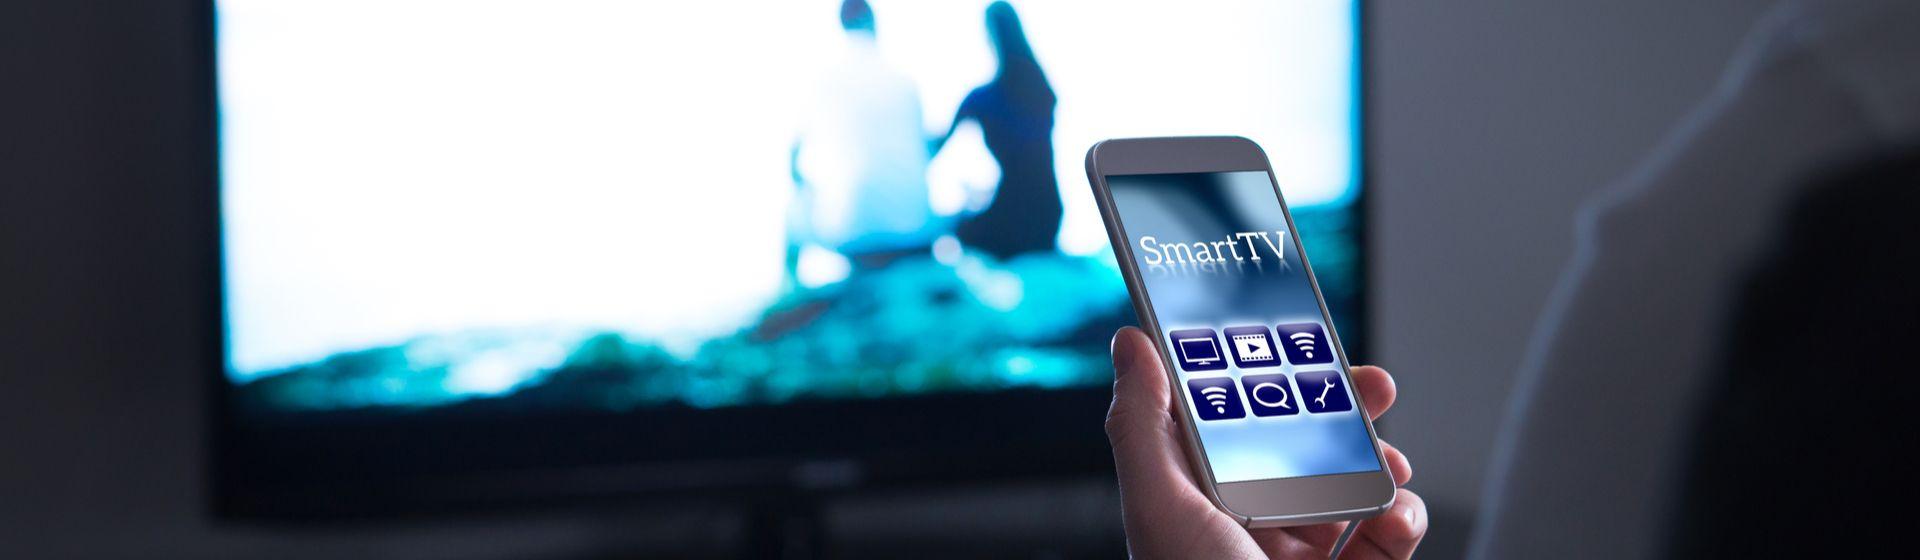 Como espelhar o celular Android na TV Samsung